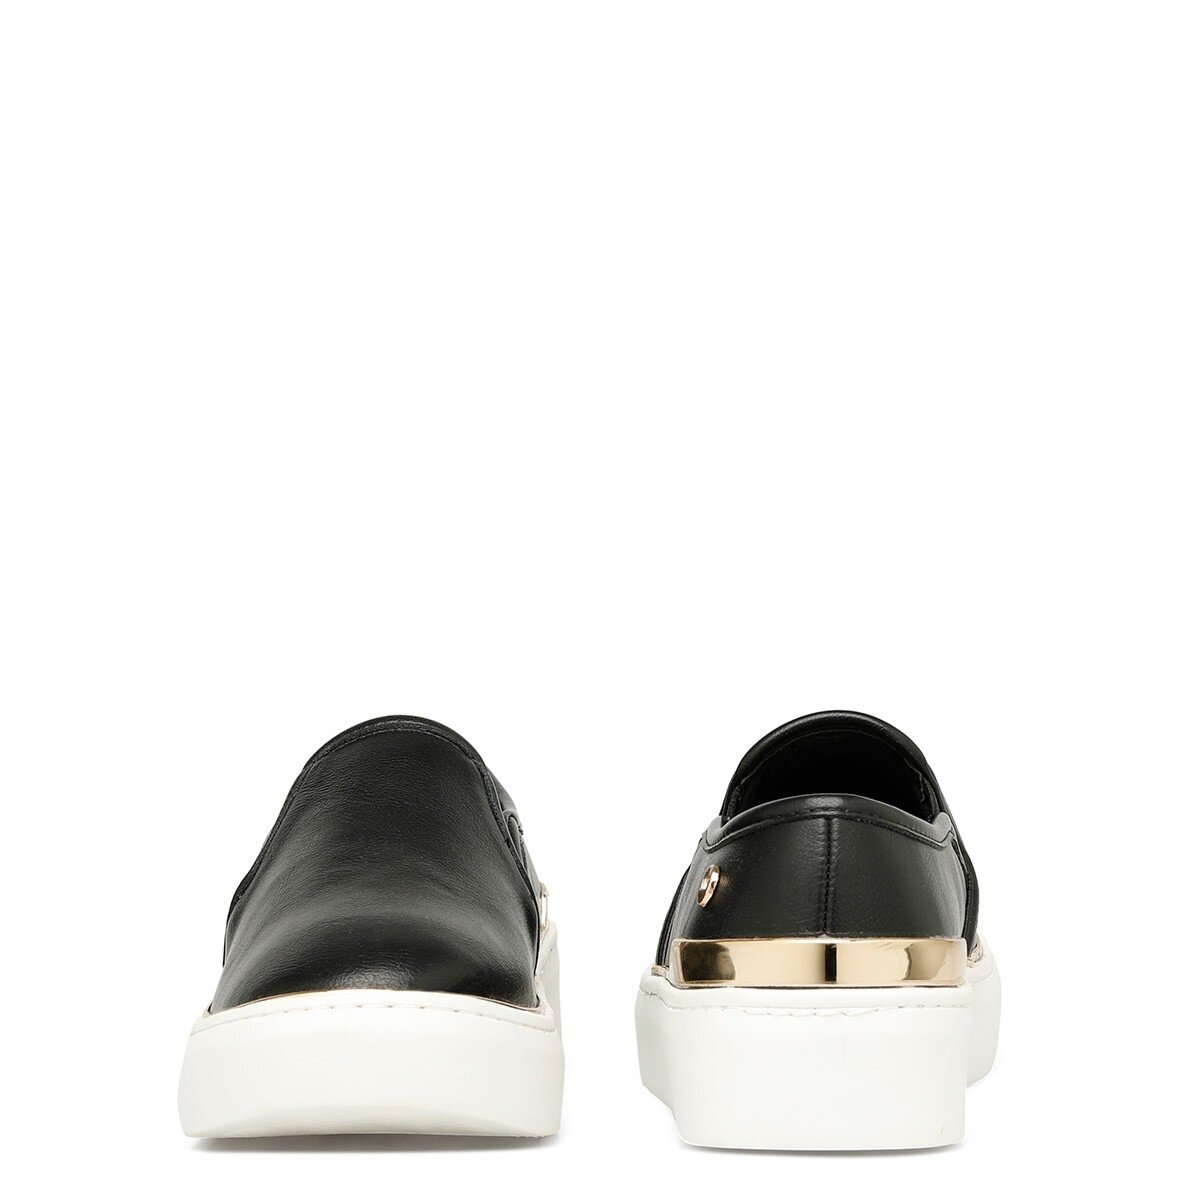 PIOMBO 1FX Siyah Kadın Slip On Ayakkabı